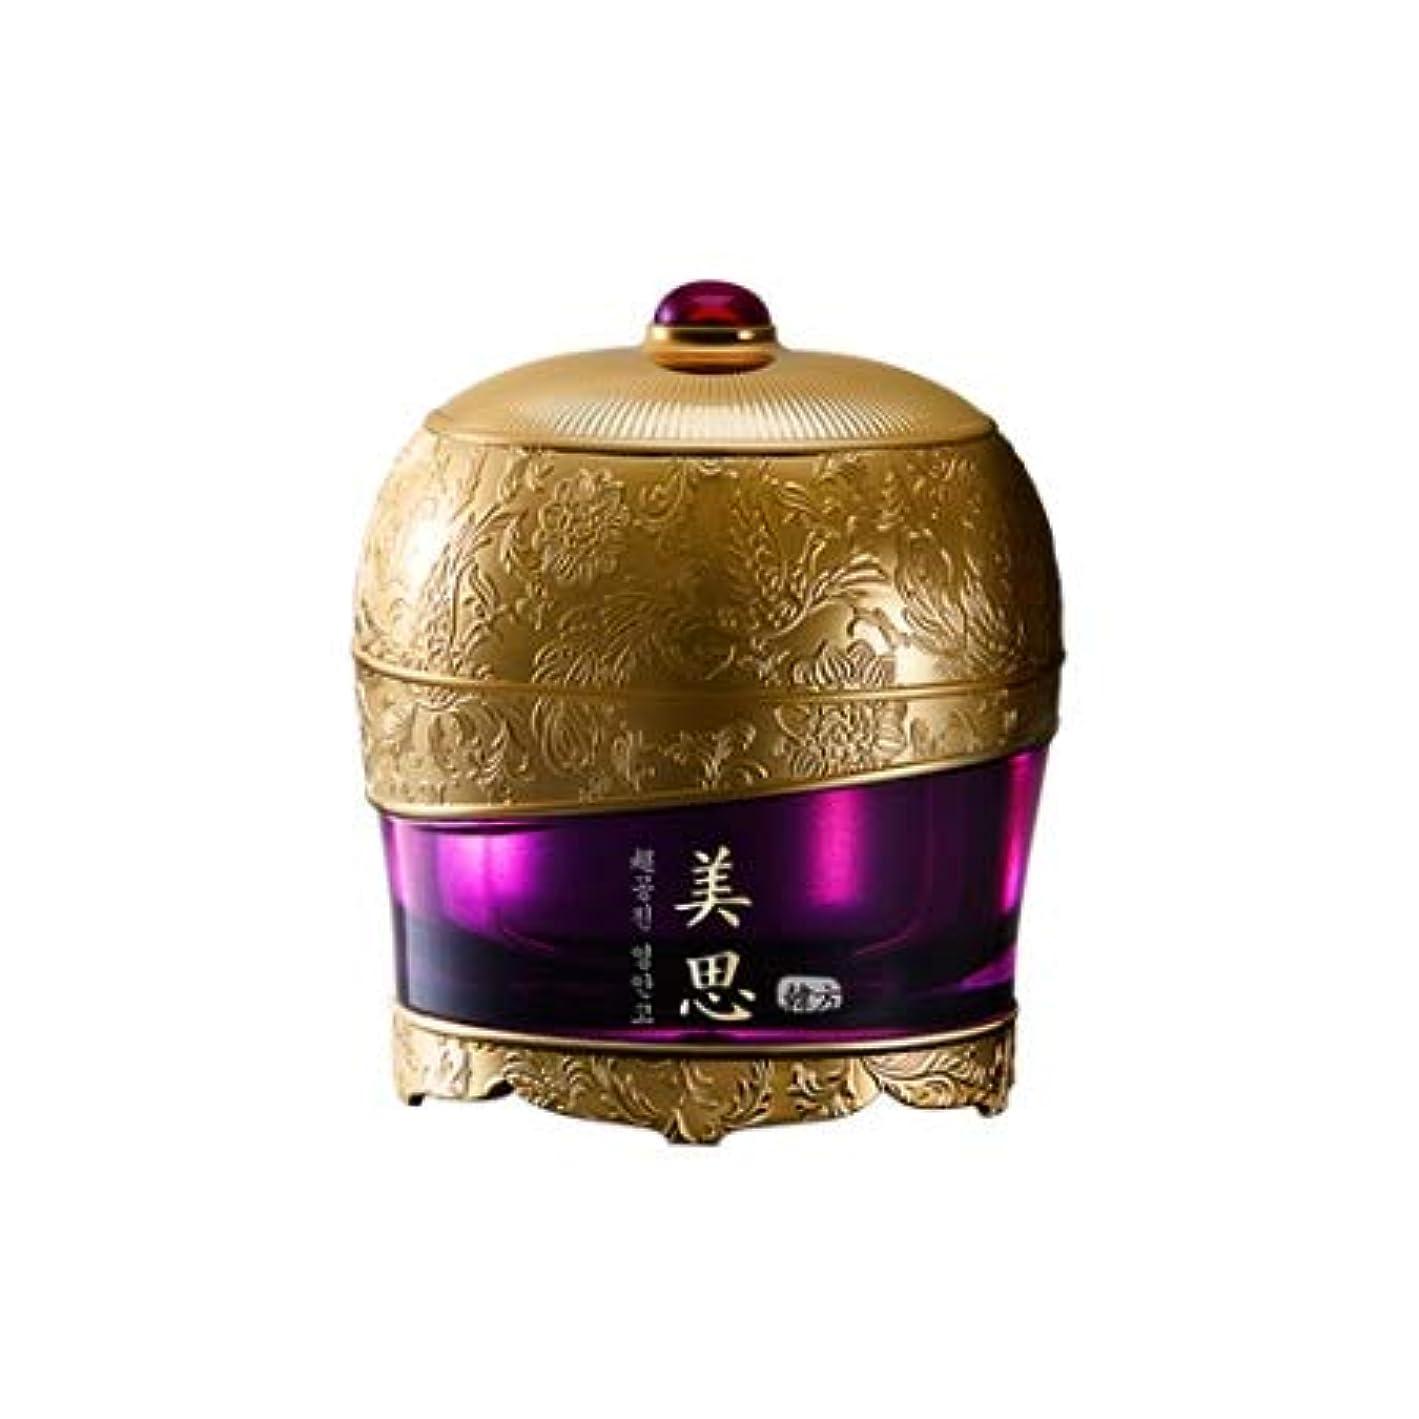 マスク変化する画家MISSHA Chogongjin Premium cream ミシャ美思超拱辰(チョゴンジン) 永安膏 クリーム クリーム 60ml [並行輸入品]